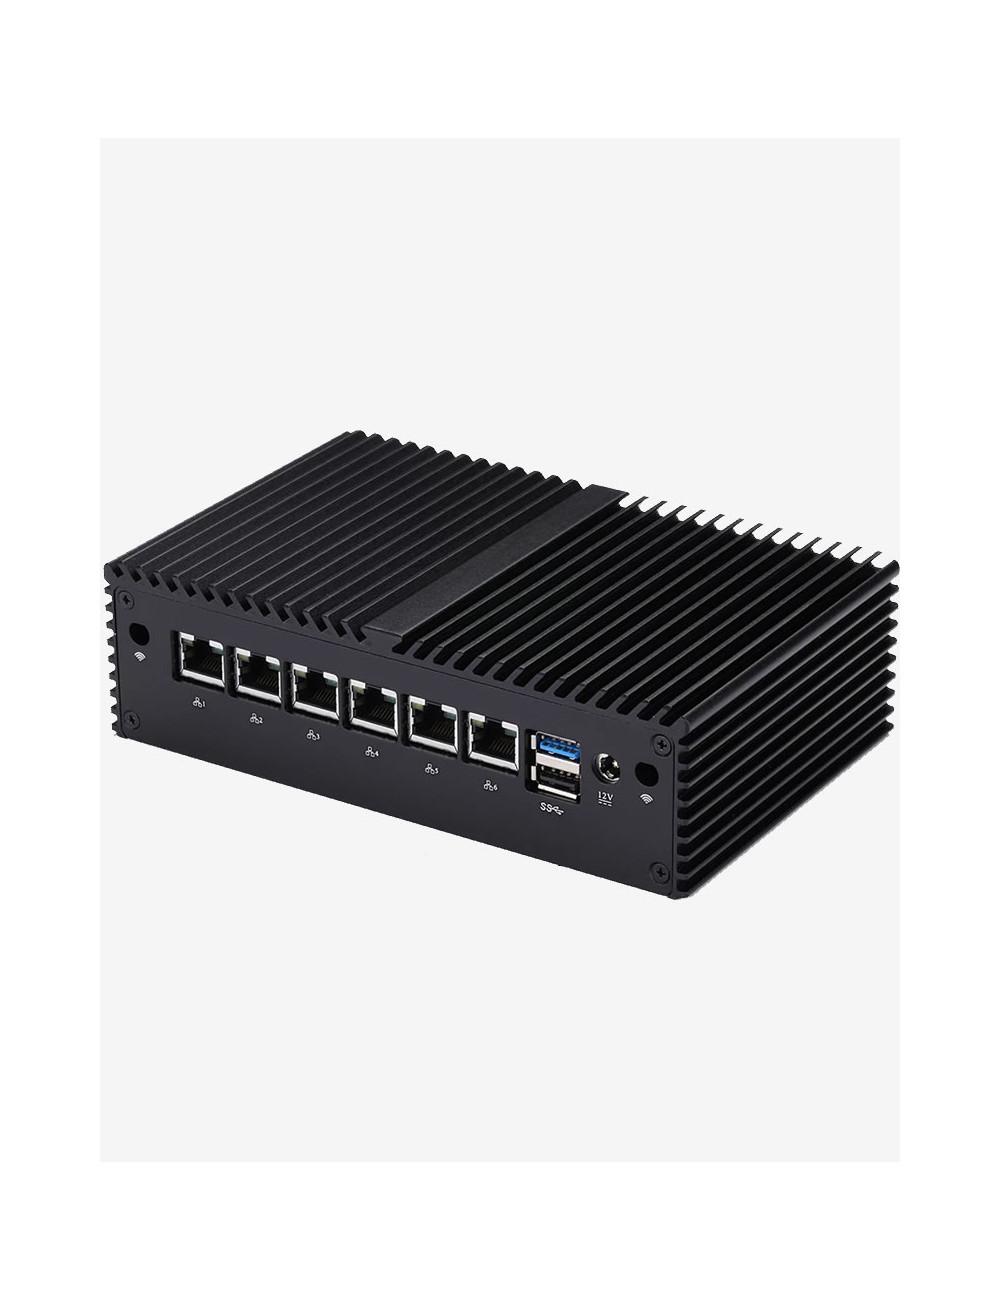 Maintenance Standard J+1 - 1 an - Firewall AP232W/AP234W